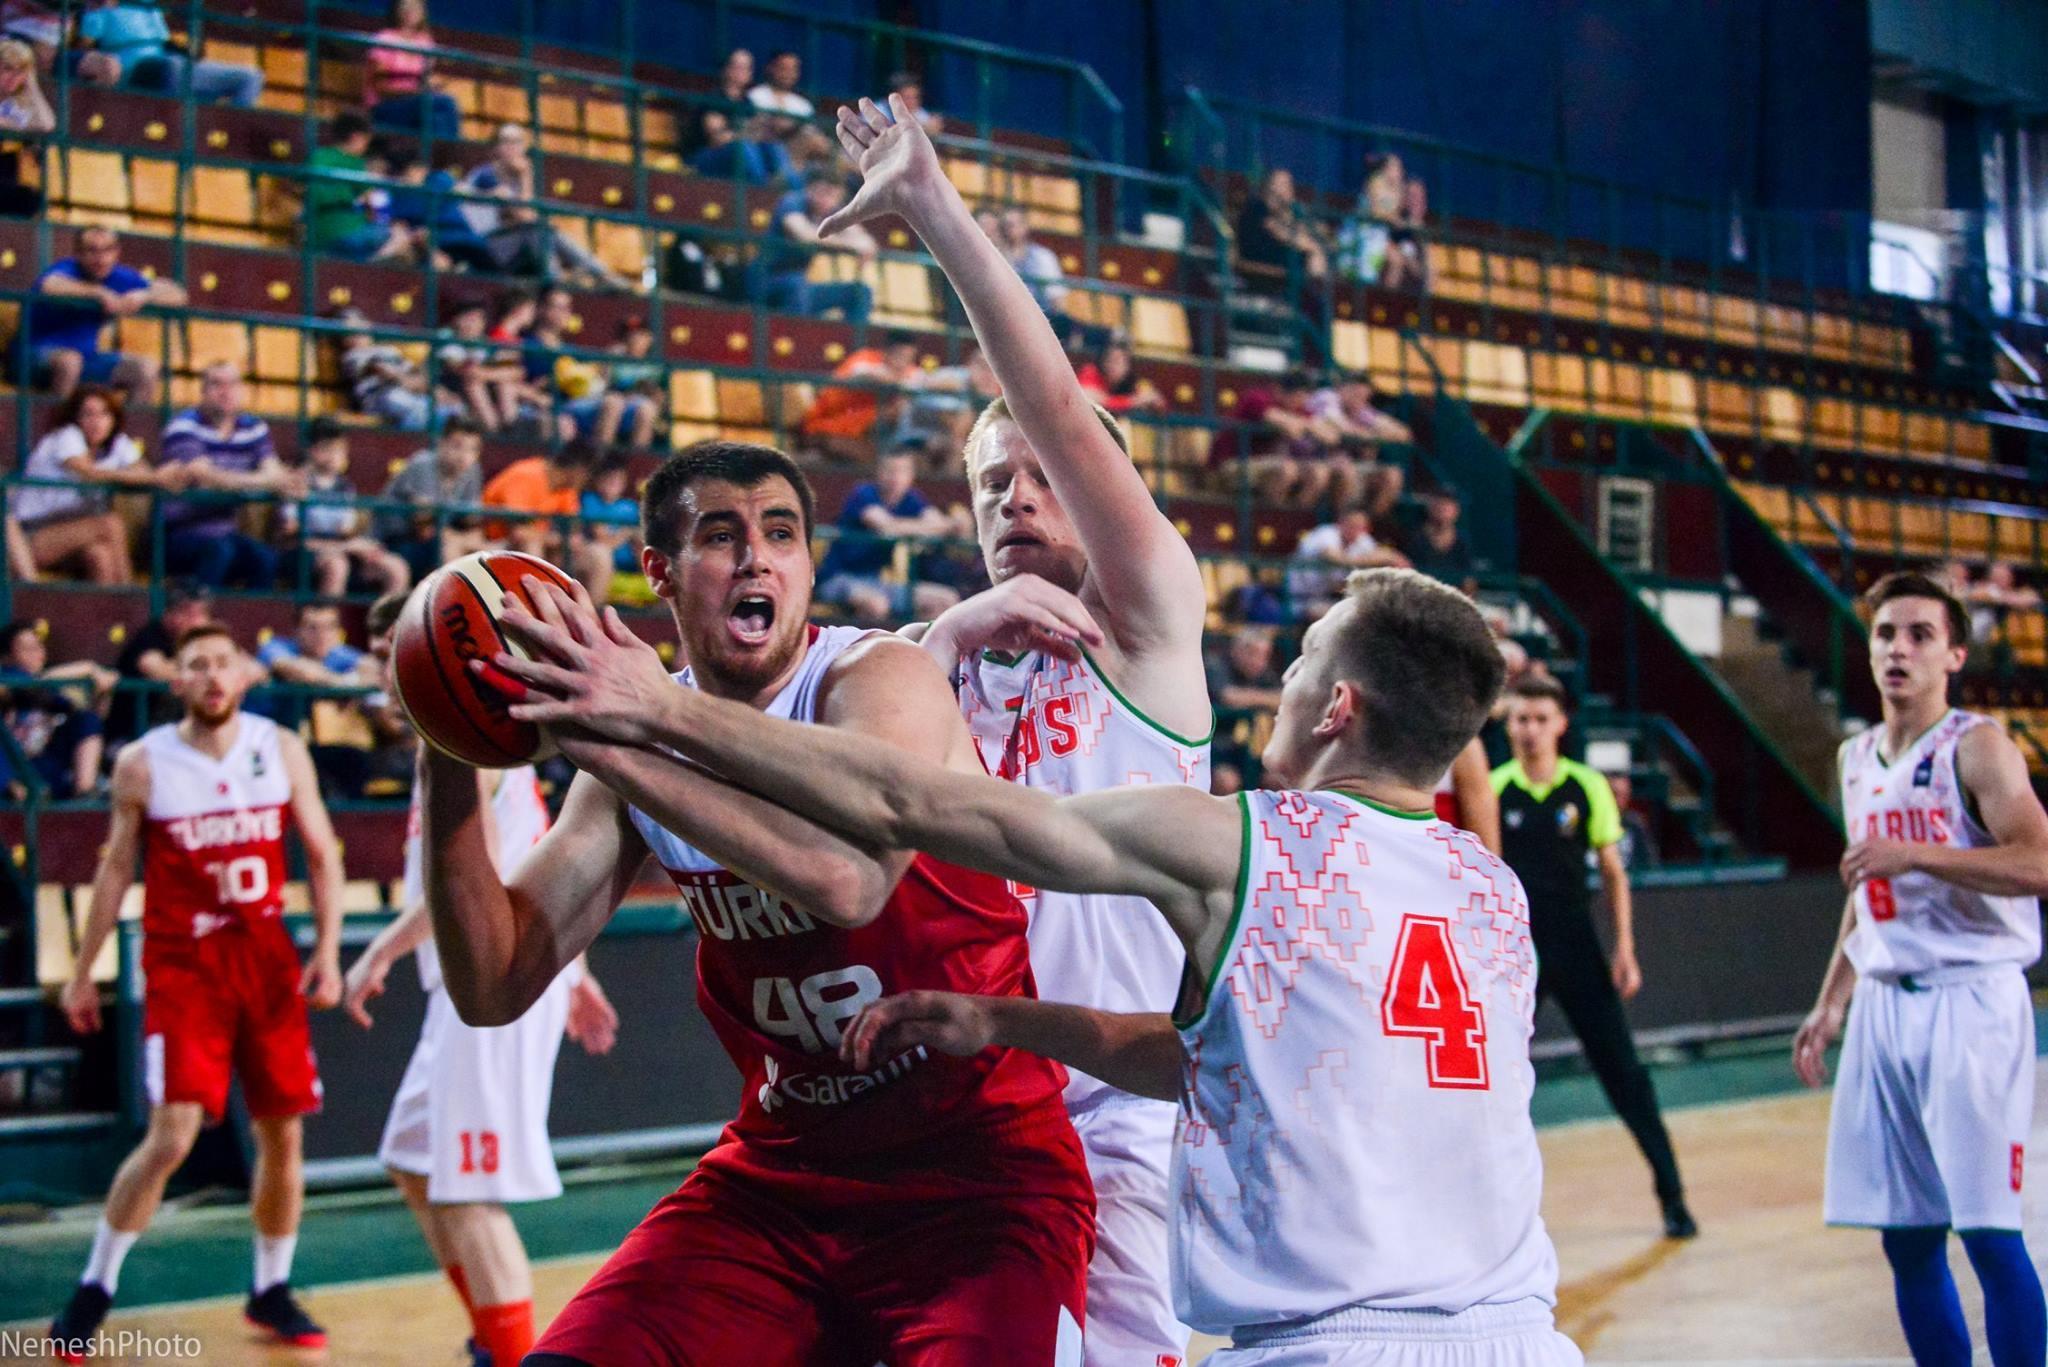 Збірна Туреччини перемогла Білорусь на турнірі в Києві